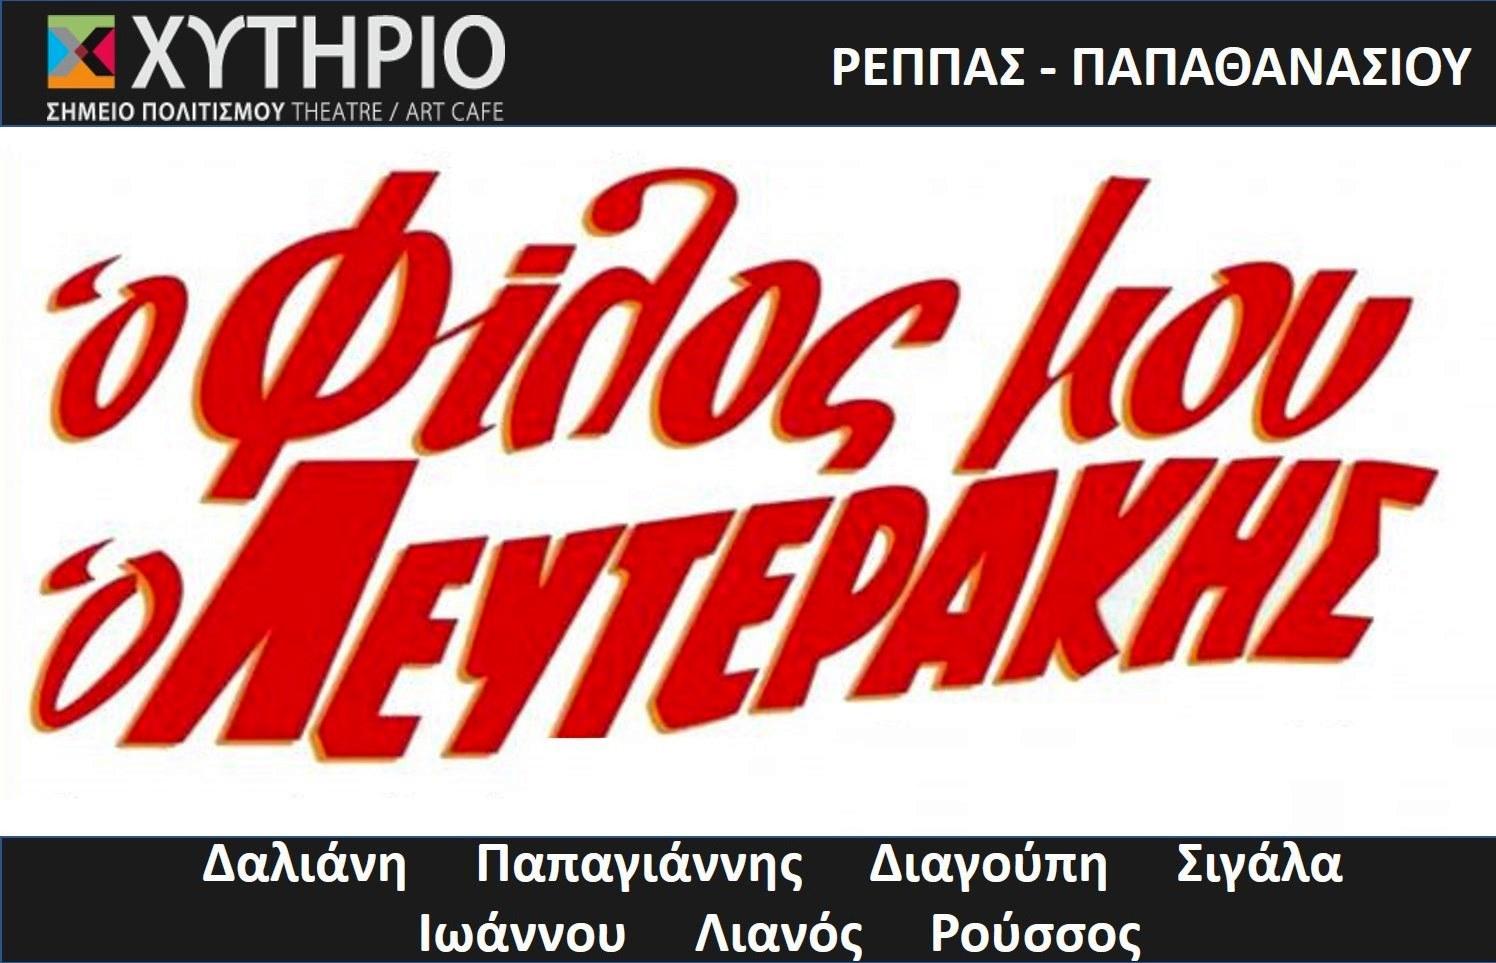 40% Έκπτωση (από 9€) για είσοδο στην κωμωδία του Αλέκου Σακελάριου ''Ο Φίλος μου ο Λευτεράκης'', με τη σφραγίδα των Ρέππα-Παπαθανασίου, στο κήπο του θεάτρου ''Χυτήριο''. Με τους Μάνο Παπαγιάννη, Αγγελική Δαλιάνη, Δήμητρα Σιγάλα, Τζένη Διαγούπη, Μάνο Ιωάννου, Περικλή Λιανό, Γιάννη Ρούσσο! .... ΓΙΑ ΠΕΡΙΟΡΙΣΜΕΝΟ ΑΡΙΘΜΟ ΕΙΣΙΤΗΡΙΩΝ!!! εικόνα